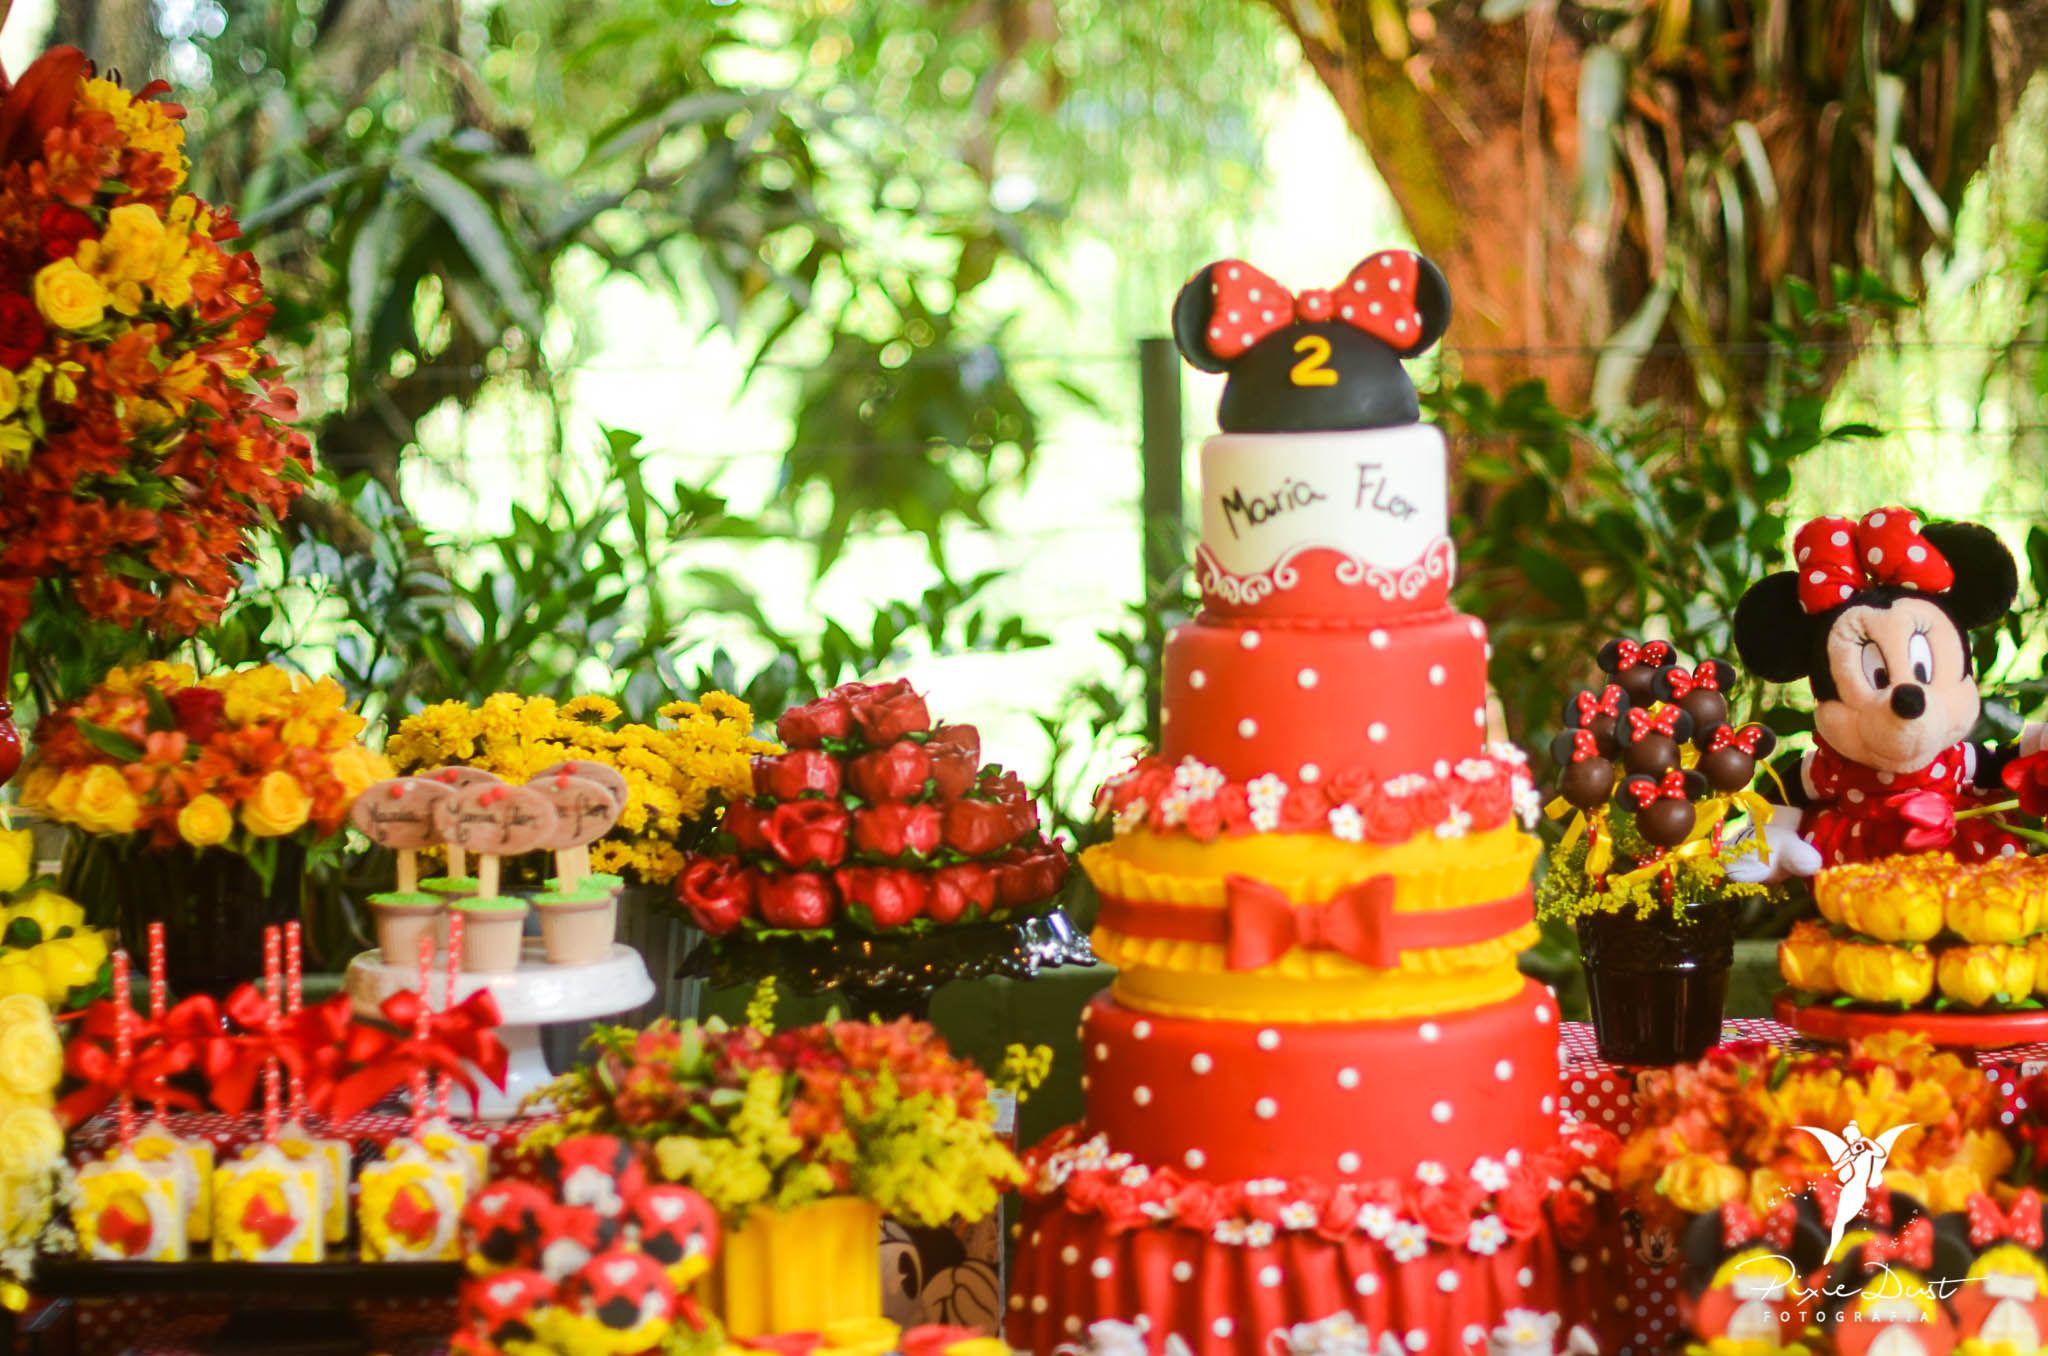 festa-infantil-minnie-decoracao-guida-relli-eventos-na